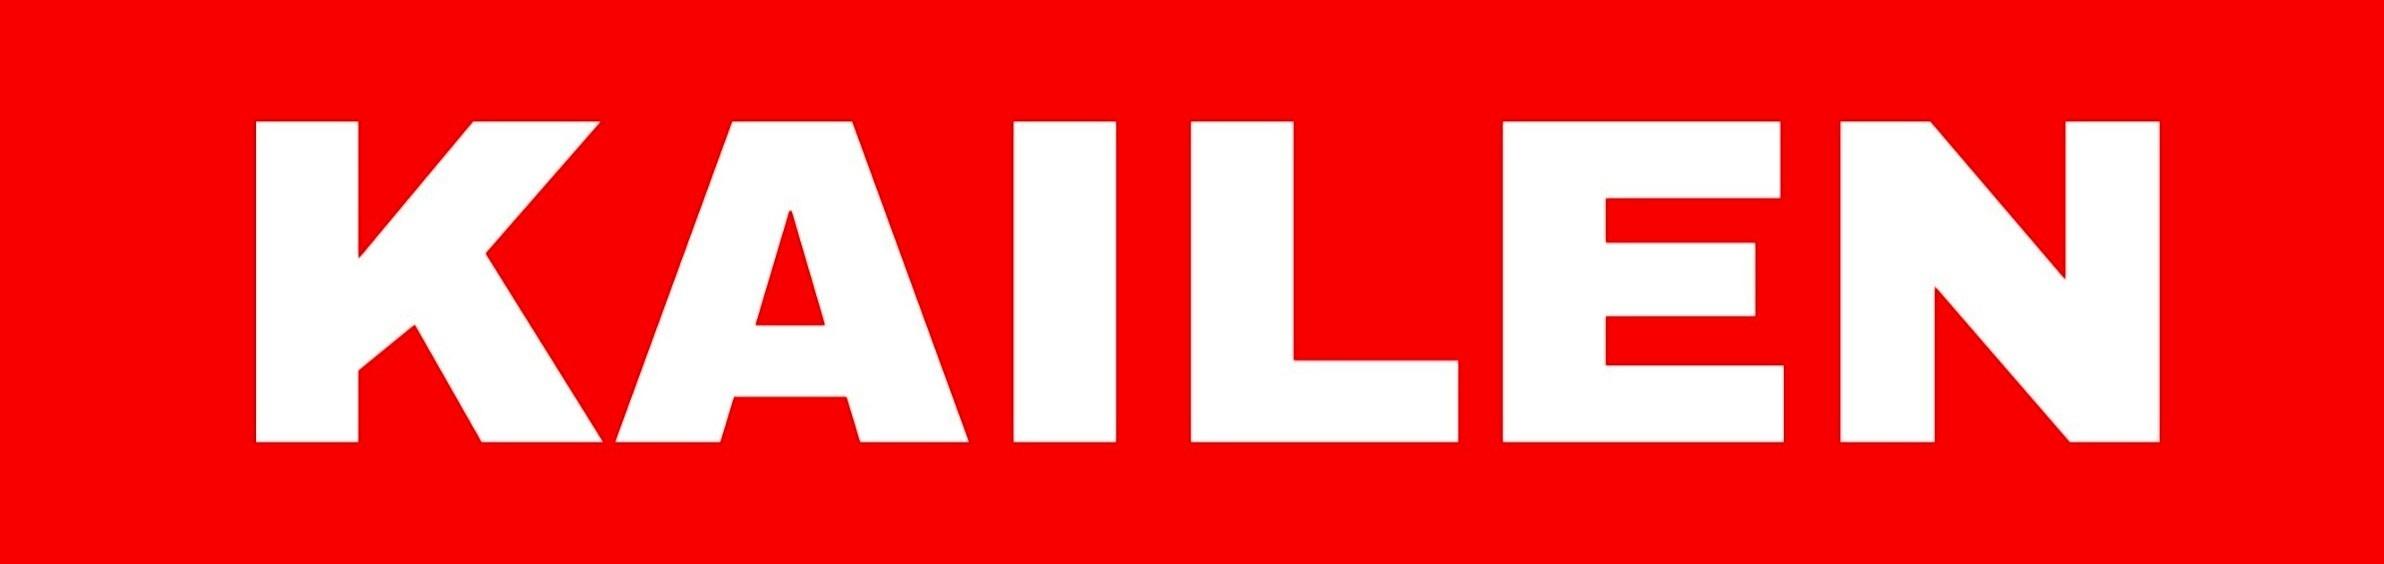 Kailen-logo-LinkedIn.jpg